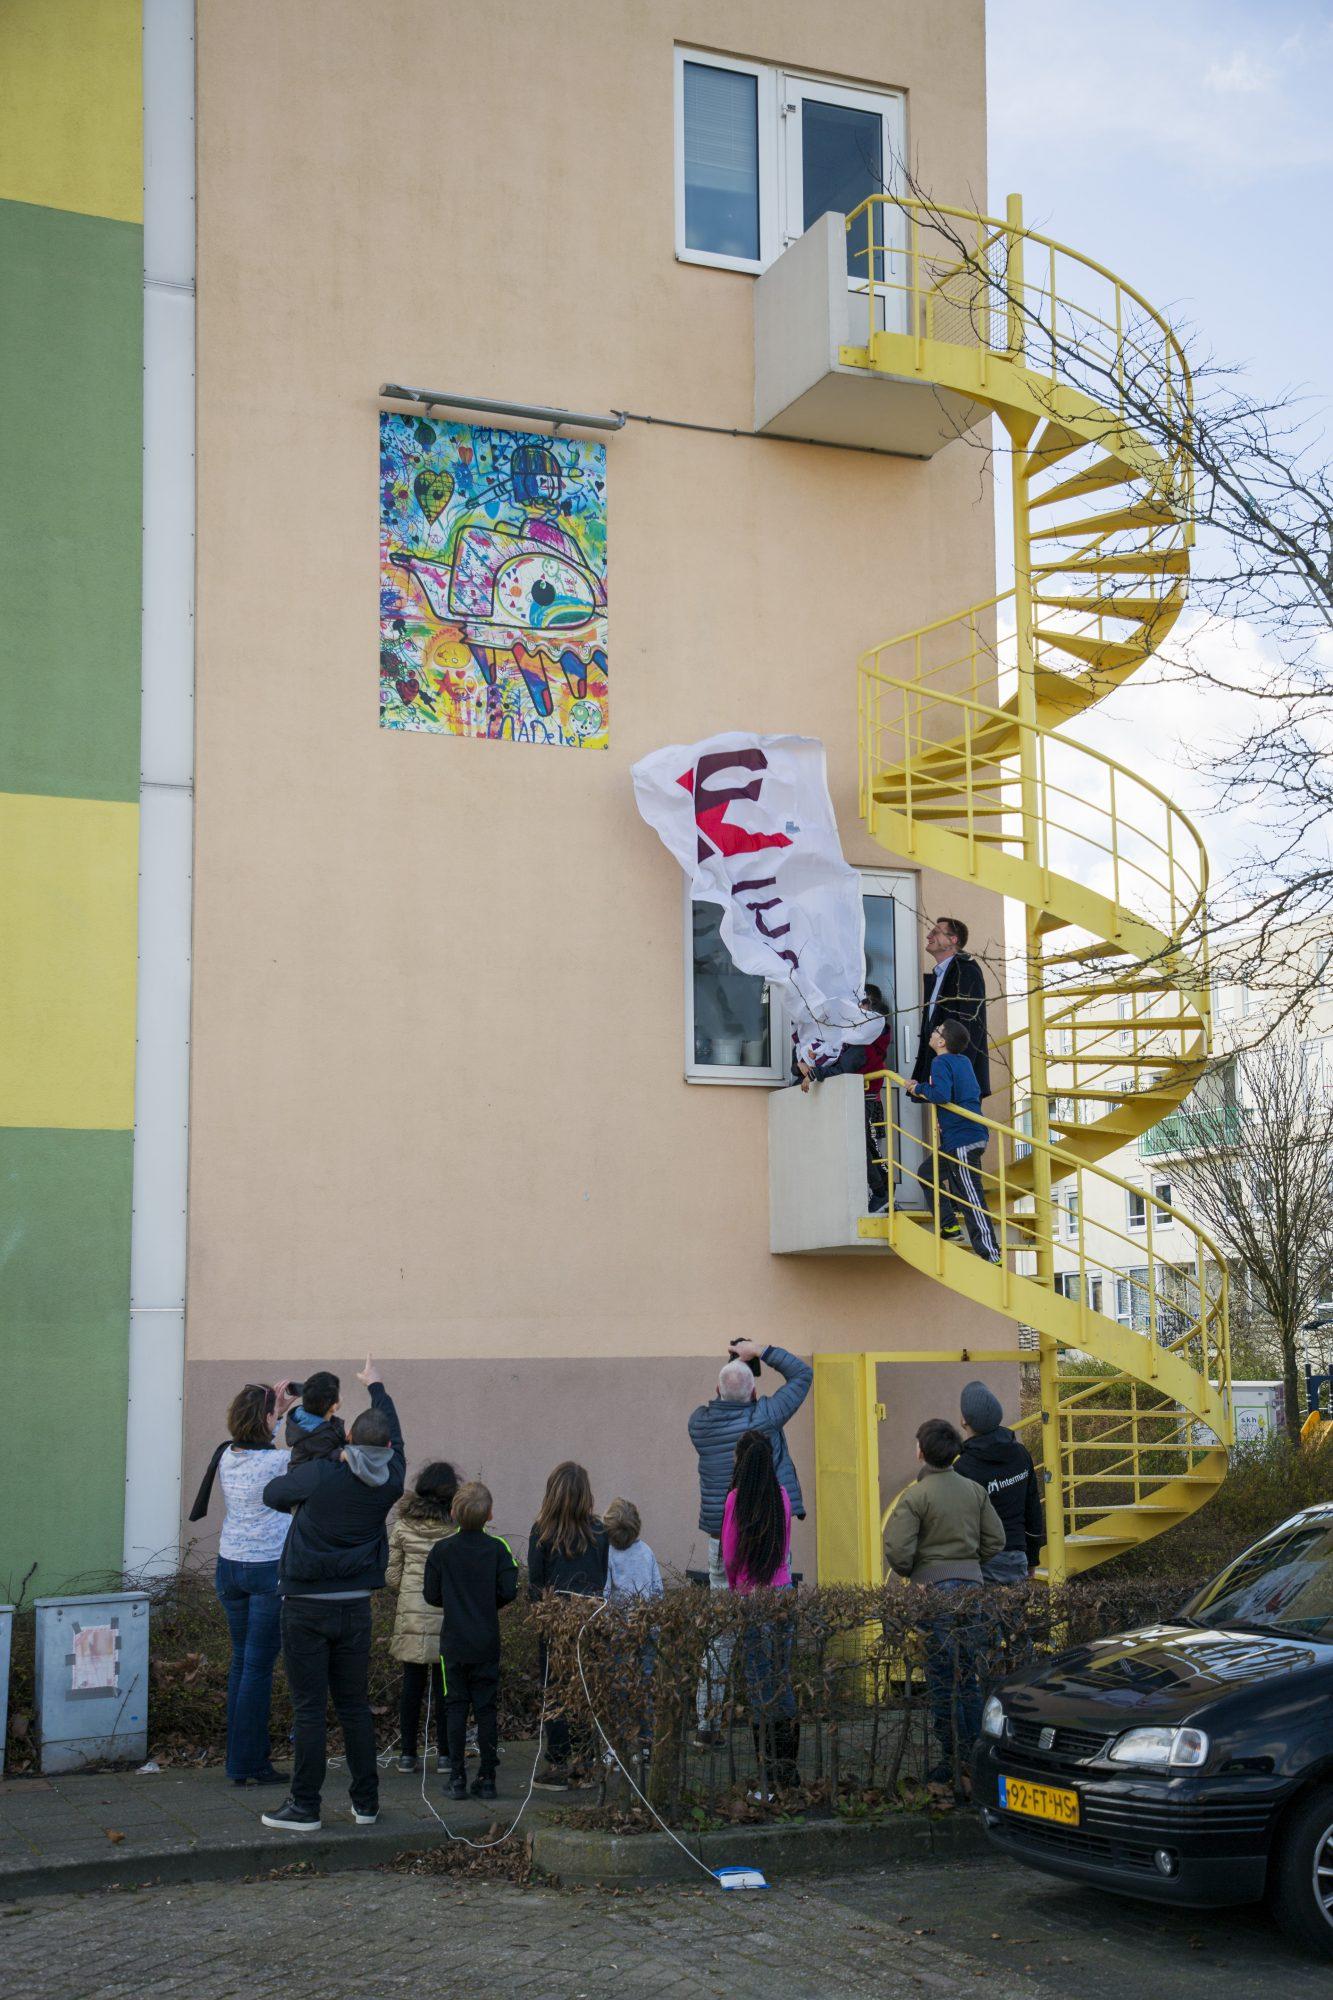 Kleurrijk kunstwerk siert flats Westfriese Hof